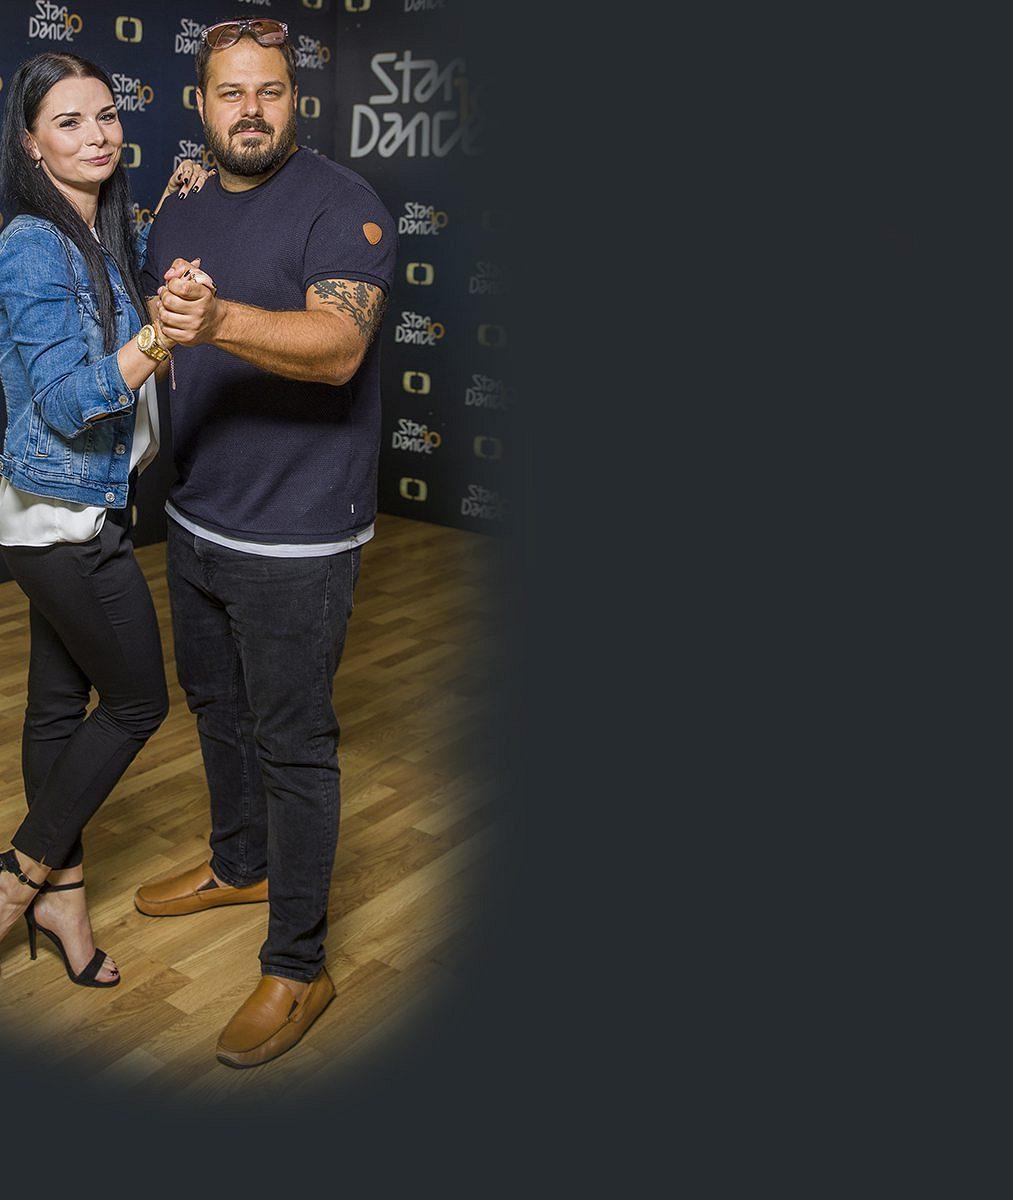 Obvykle nosí boty až odvě velikosti větší: Vtěch tanečních zatím Xindl Xna tréninku StarDance tiše trpí!